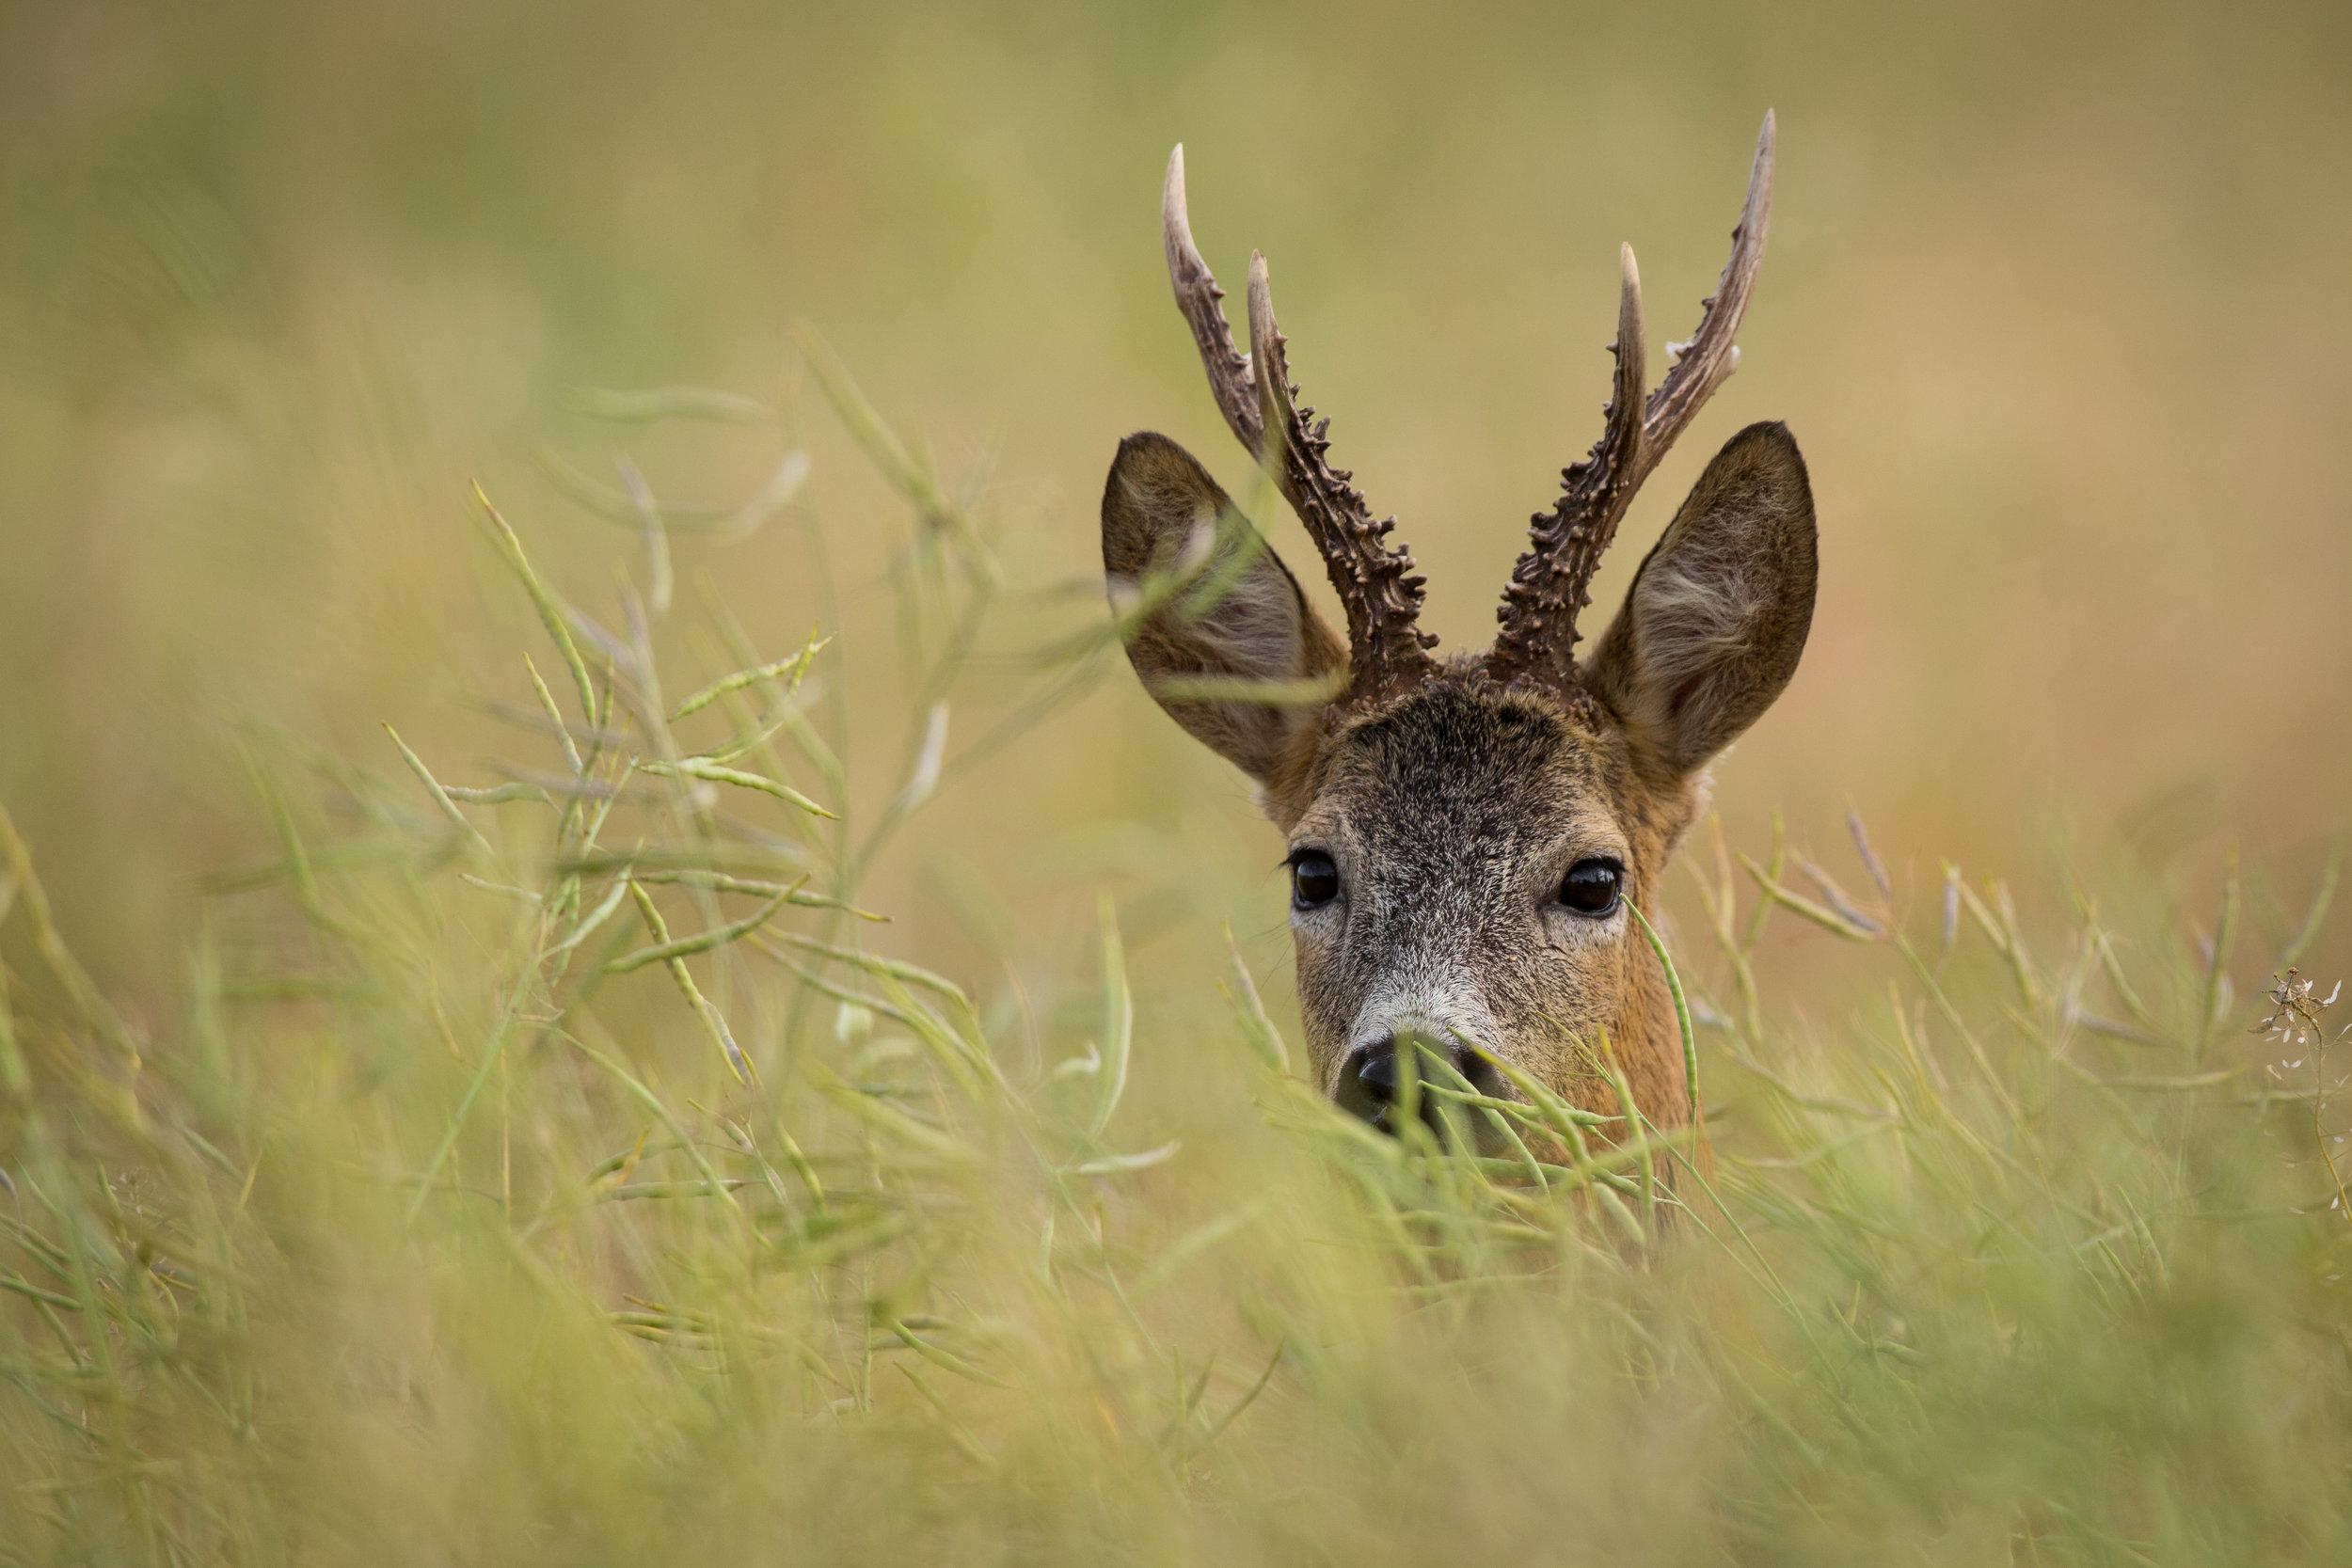 - Deer stalking